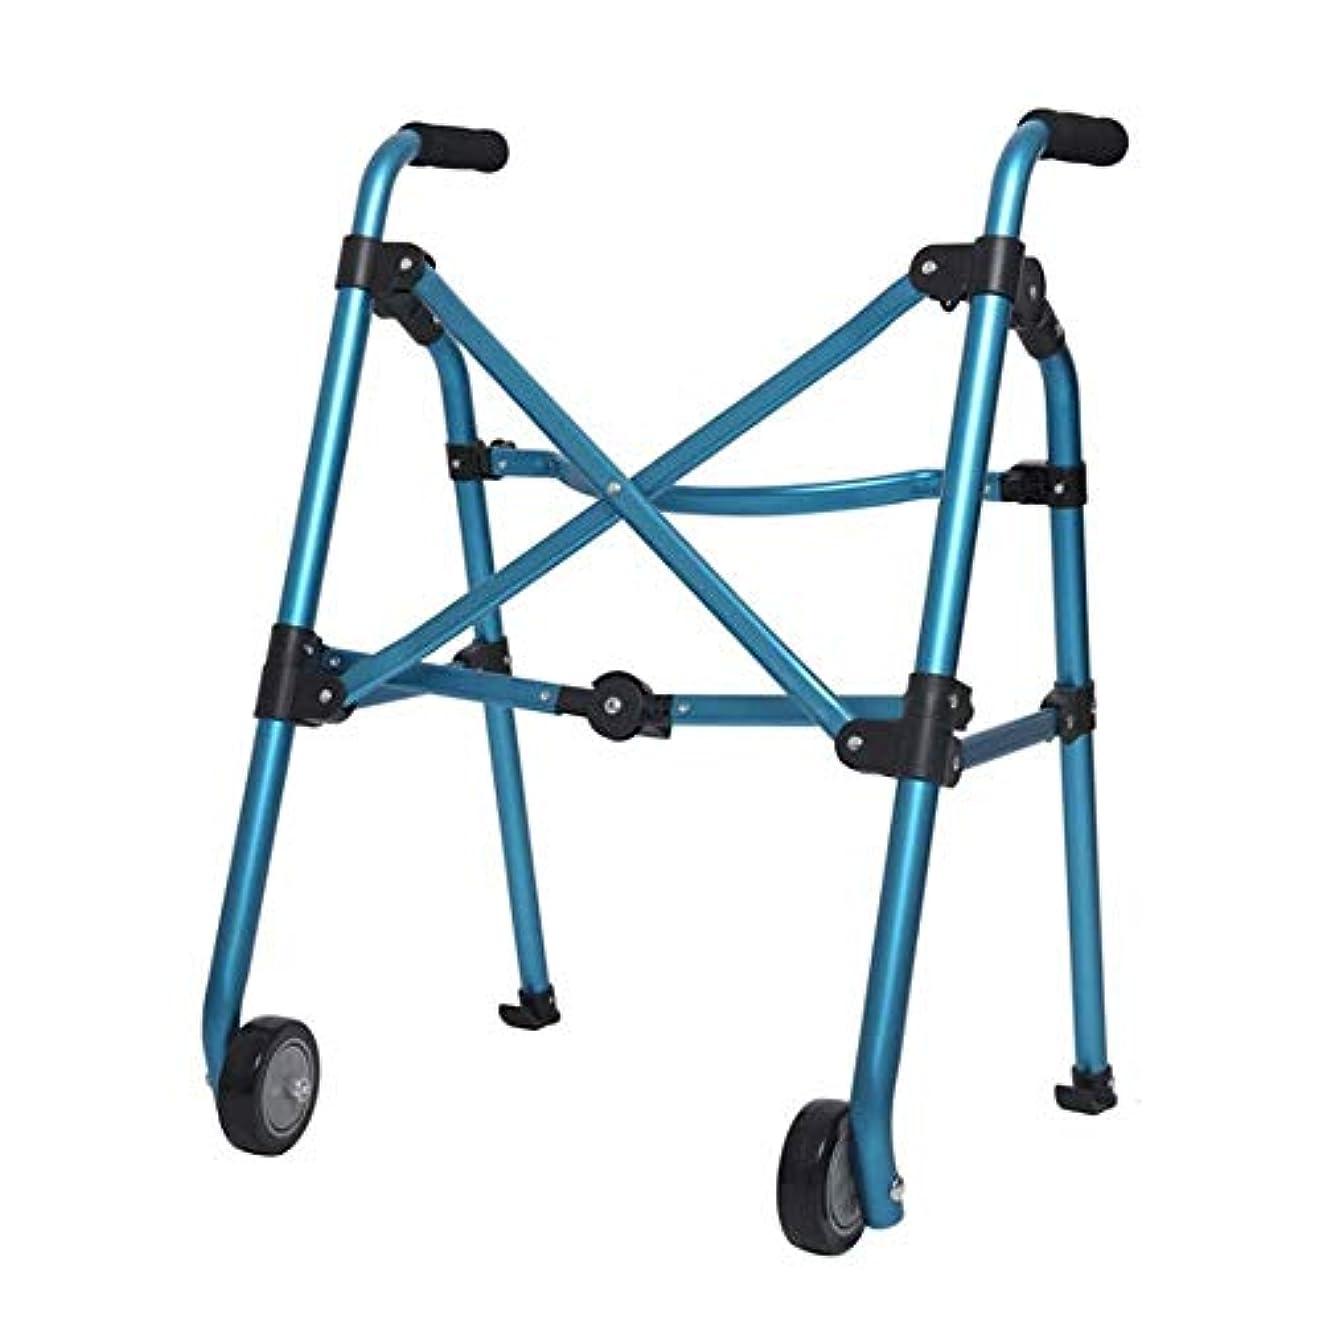 アリ今まで慣らす二輪歩行フレーム、折りたたみ式古い歩行者高齢者屋外バスルーム使用 (Color : 青)